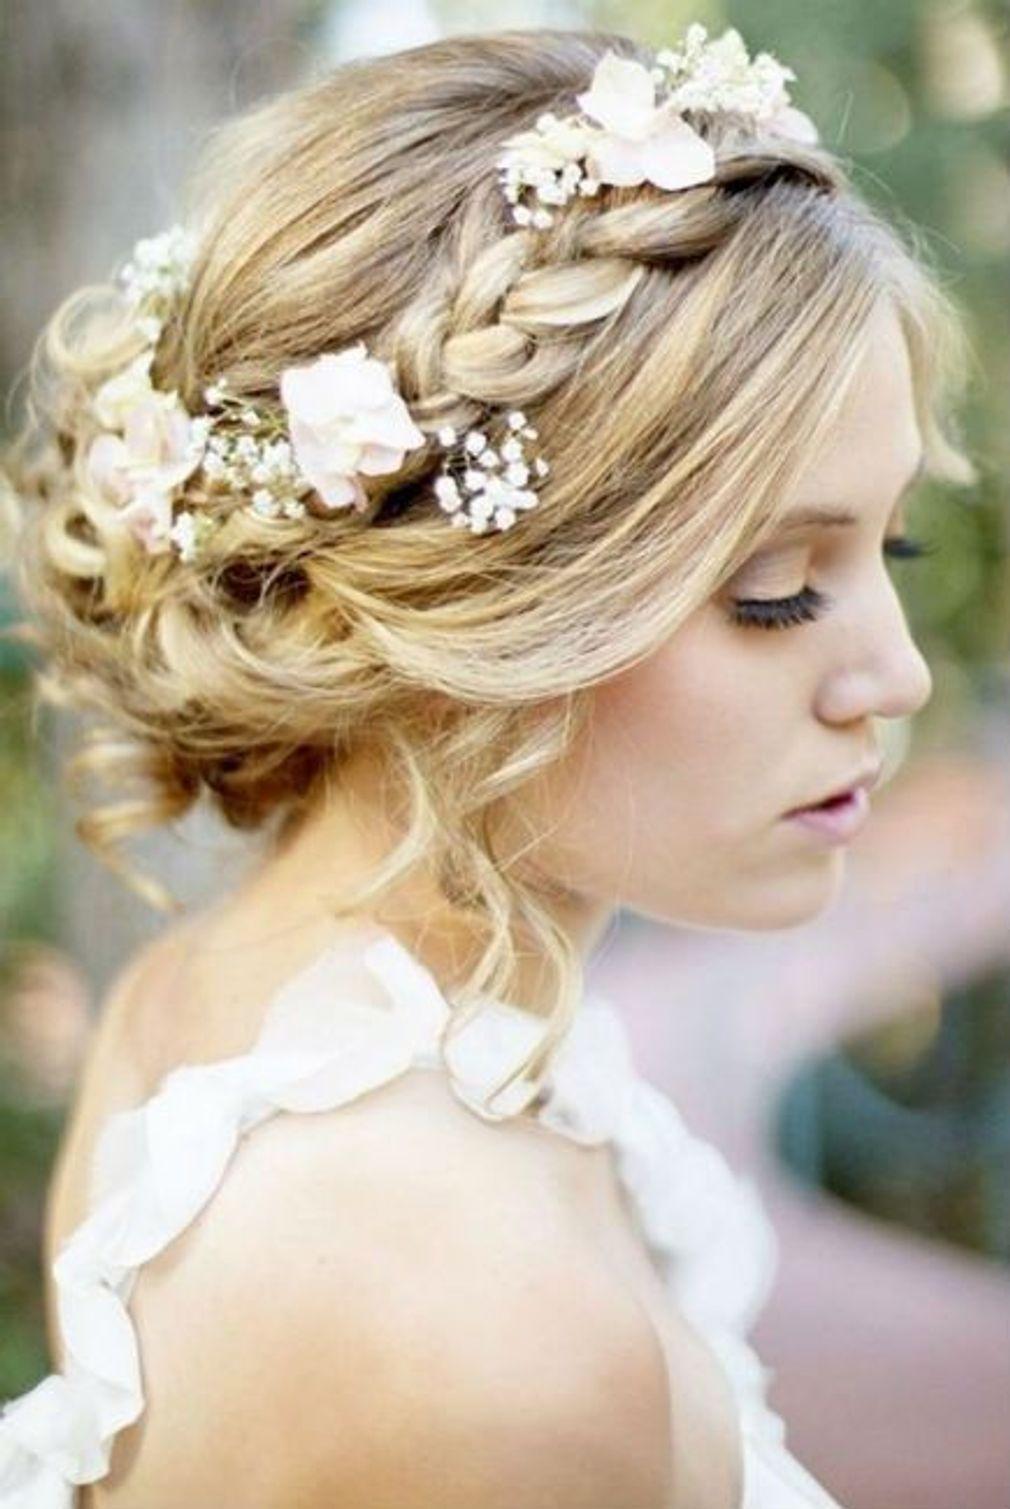 Coiffure-de-mariage-chignon-flou-avec-tresse-fleurie.jpg